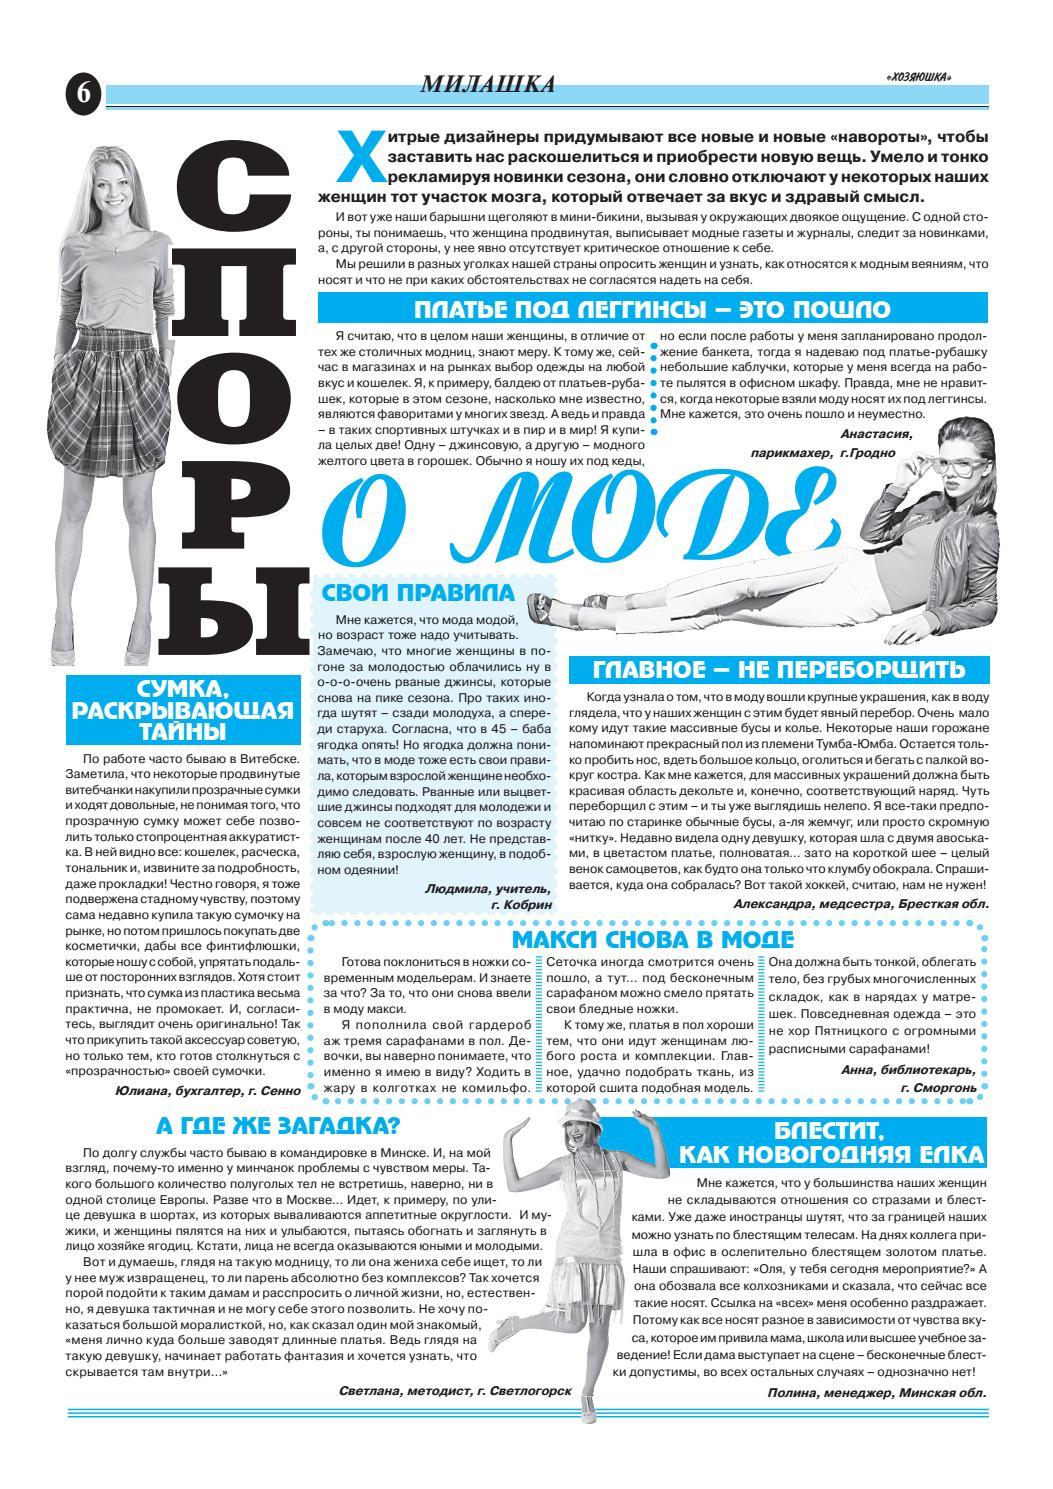 уделим внимание женская газета картинки того, пушкина